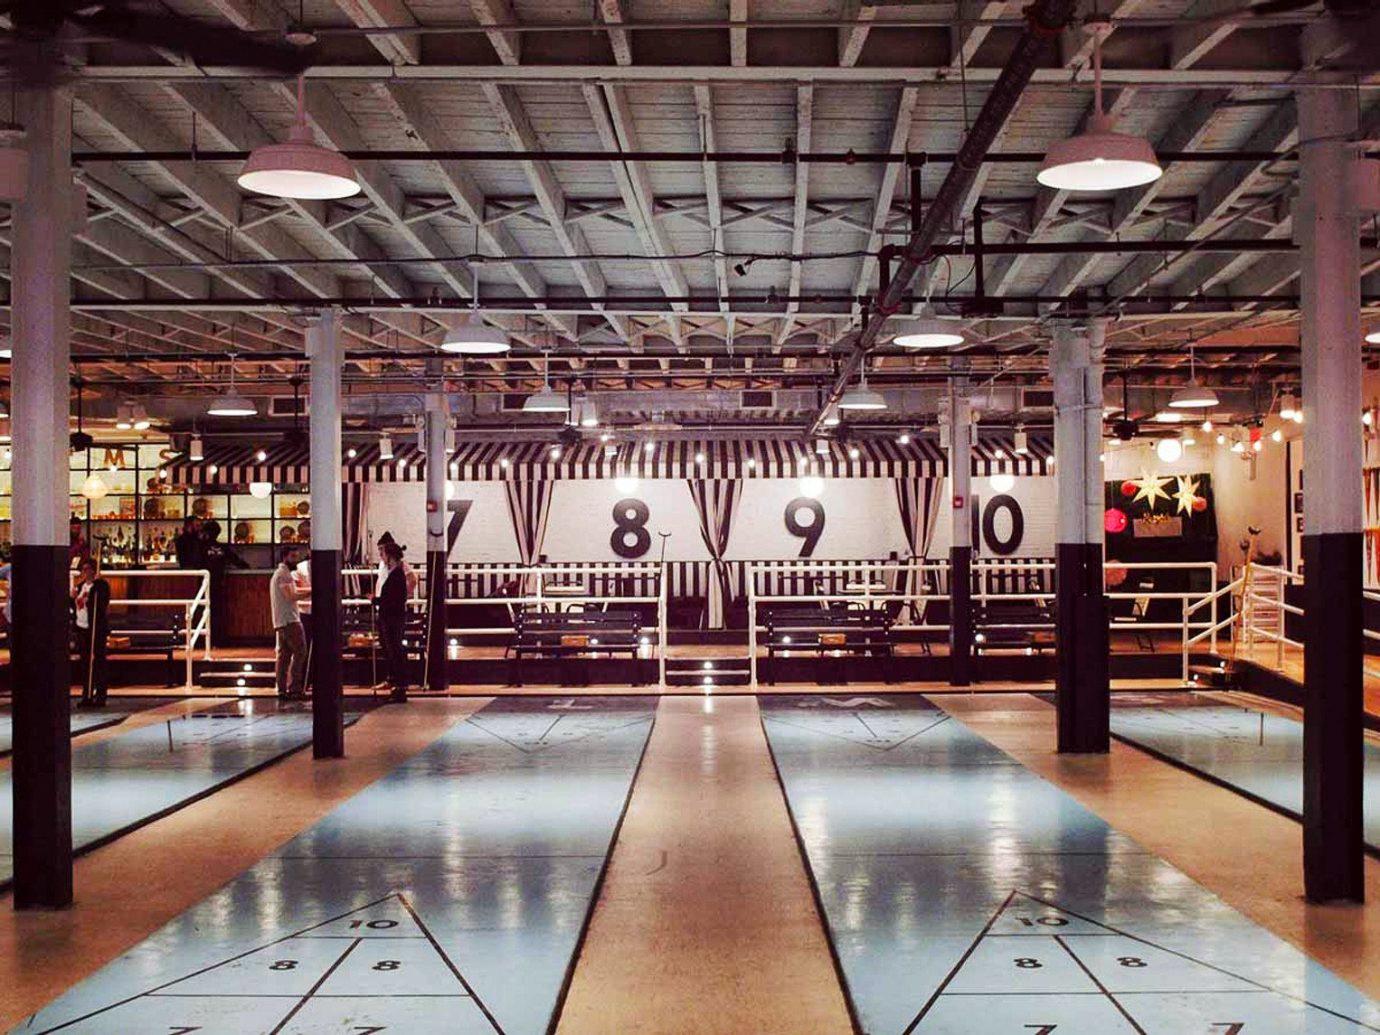 Royal Palms Shuffleboard Club in Brooklyn, NY